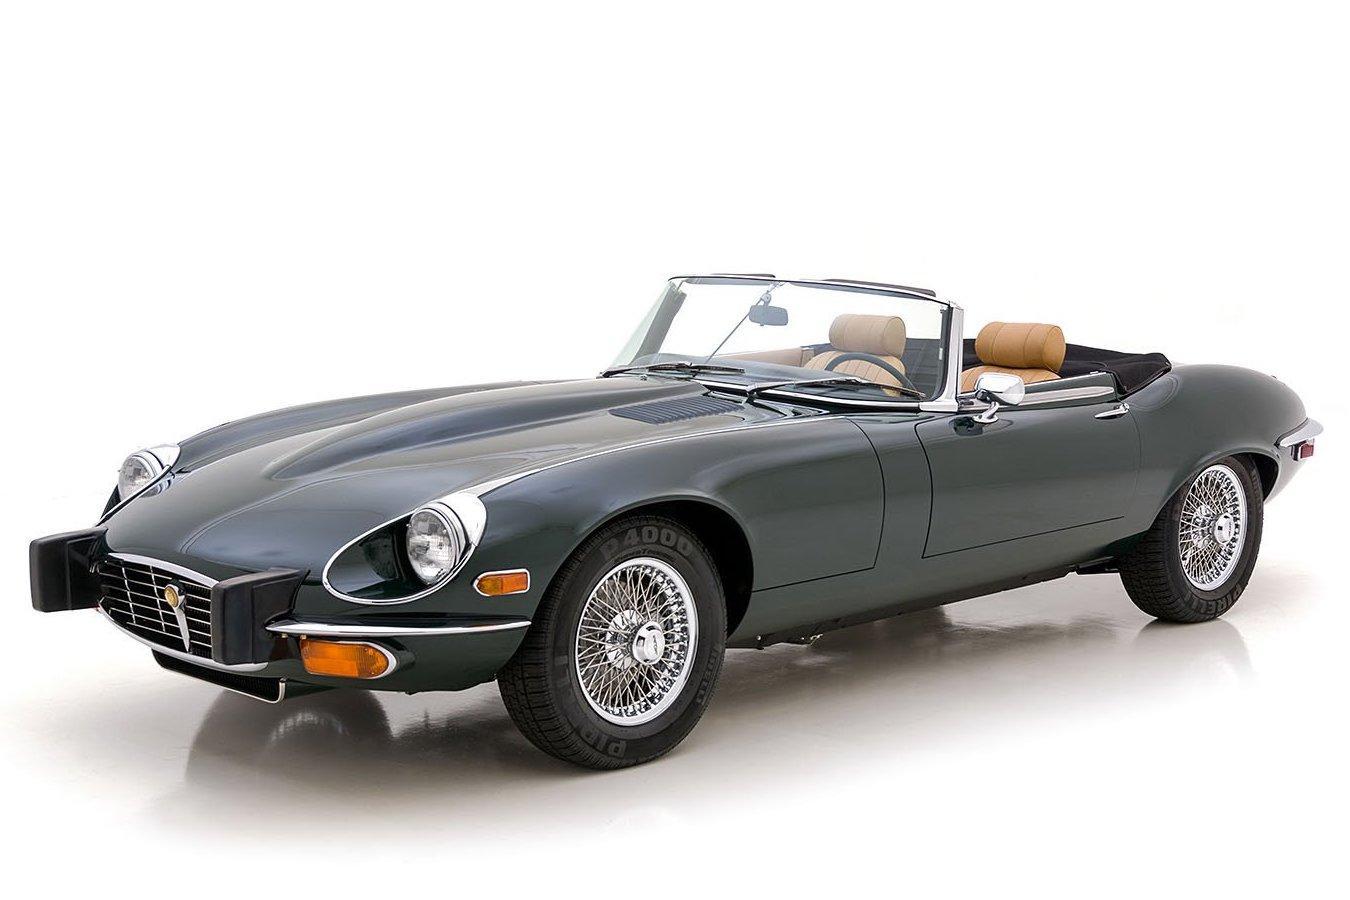 1974 Jaguar E-Type For Sale   Vintage Driving Machines